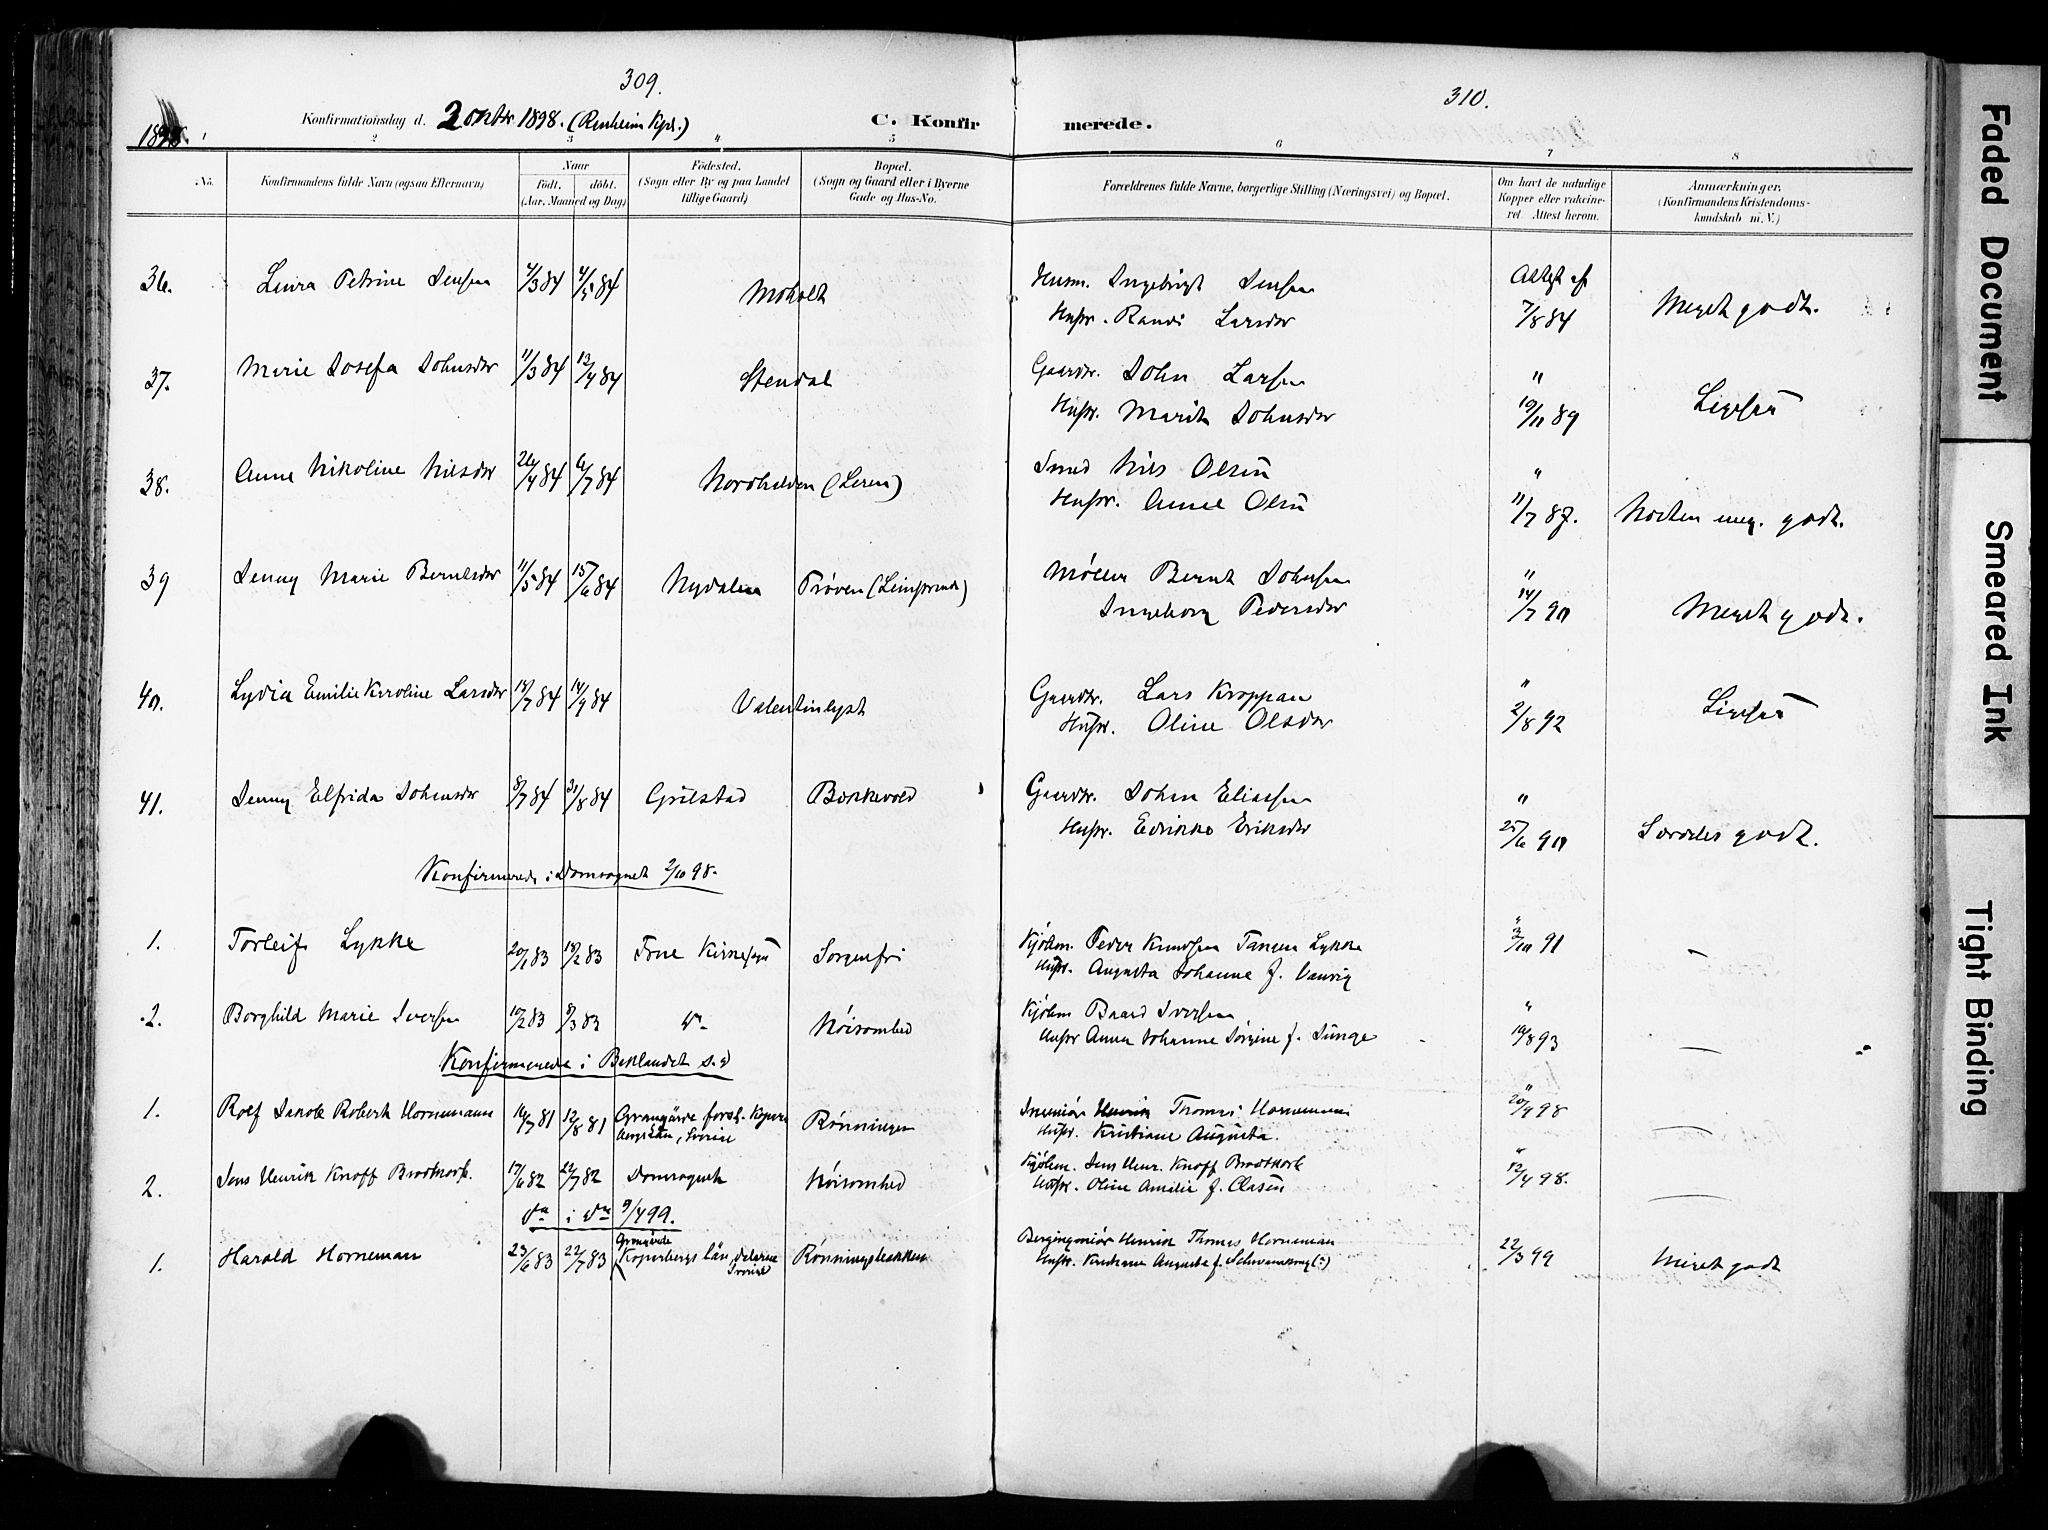 SAT, Ministerialprotokoller, klokkerbøker og fødselsregistre - Sør-Trøndelag, 606/L0301: Ministerialbok nr. 606A16, 1894-1907, s. 309-310